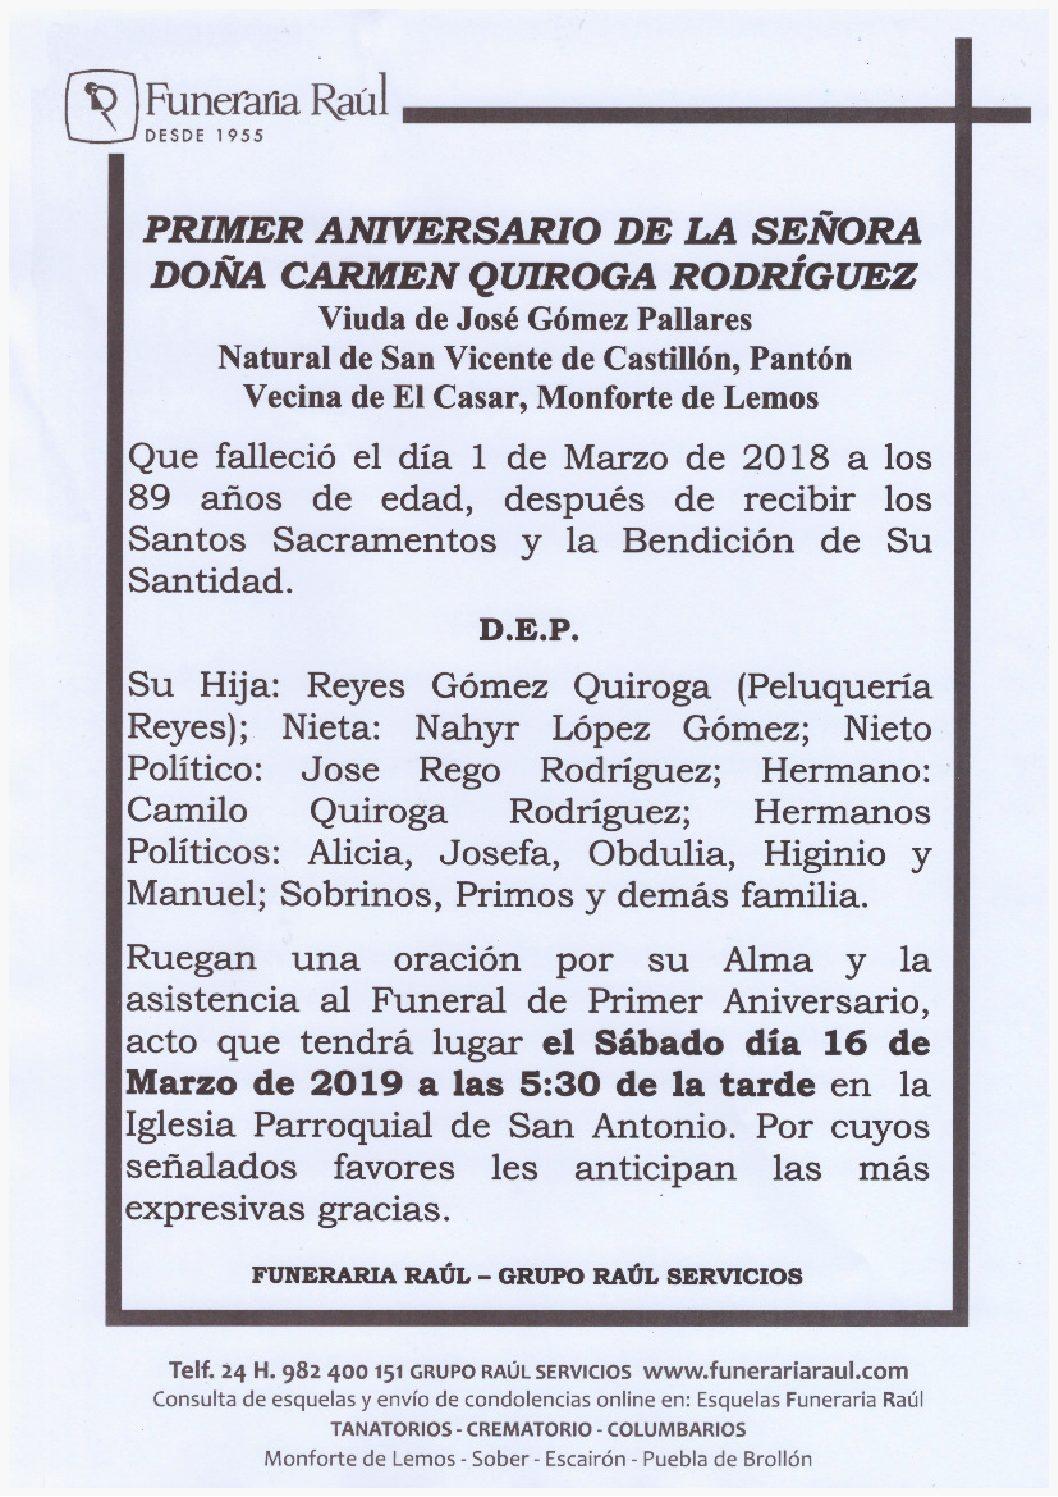 PRIMER ANIVERSARIO DE DOÑA CARMEN QUIROGA RODRIGUEZ